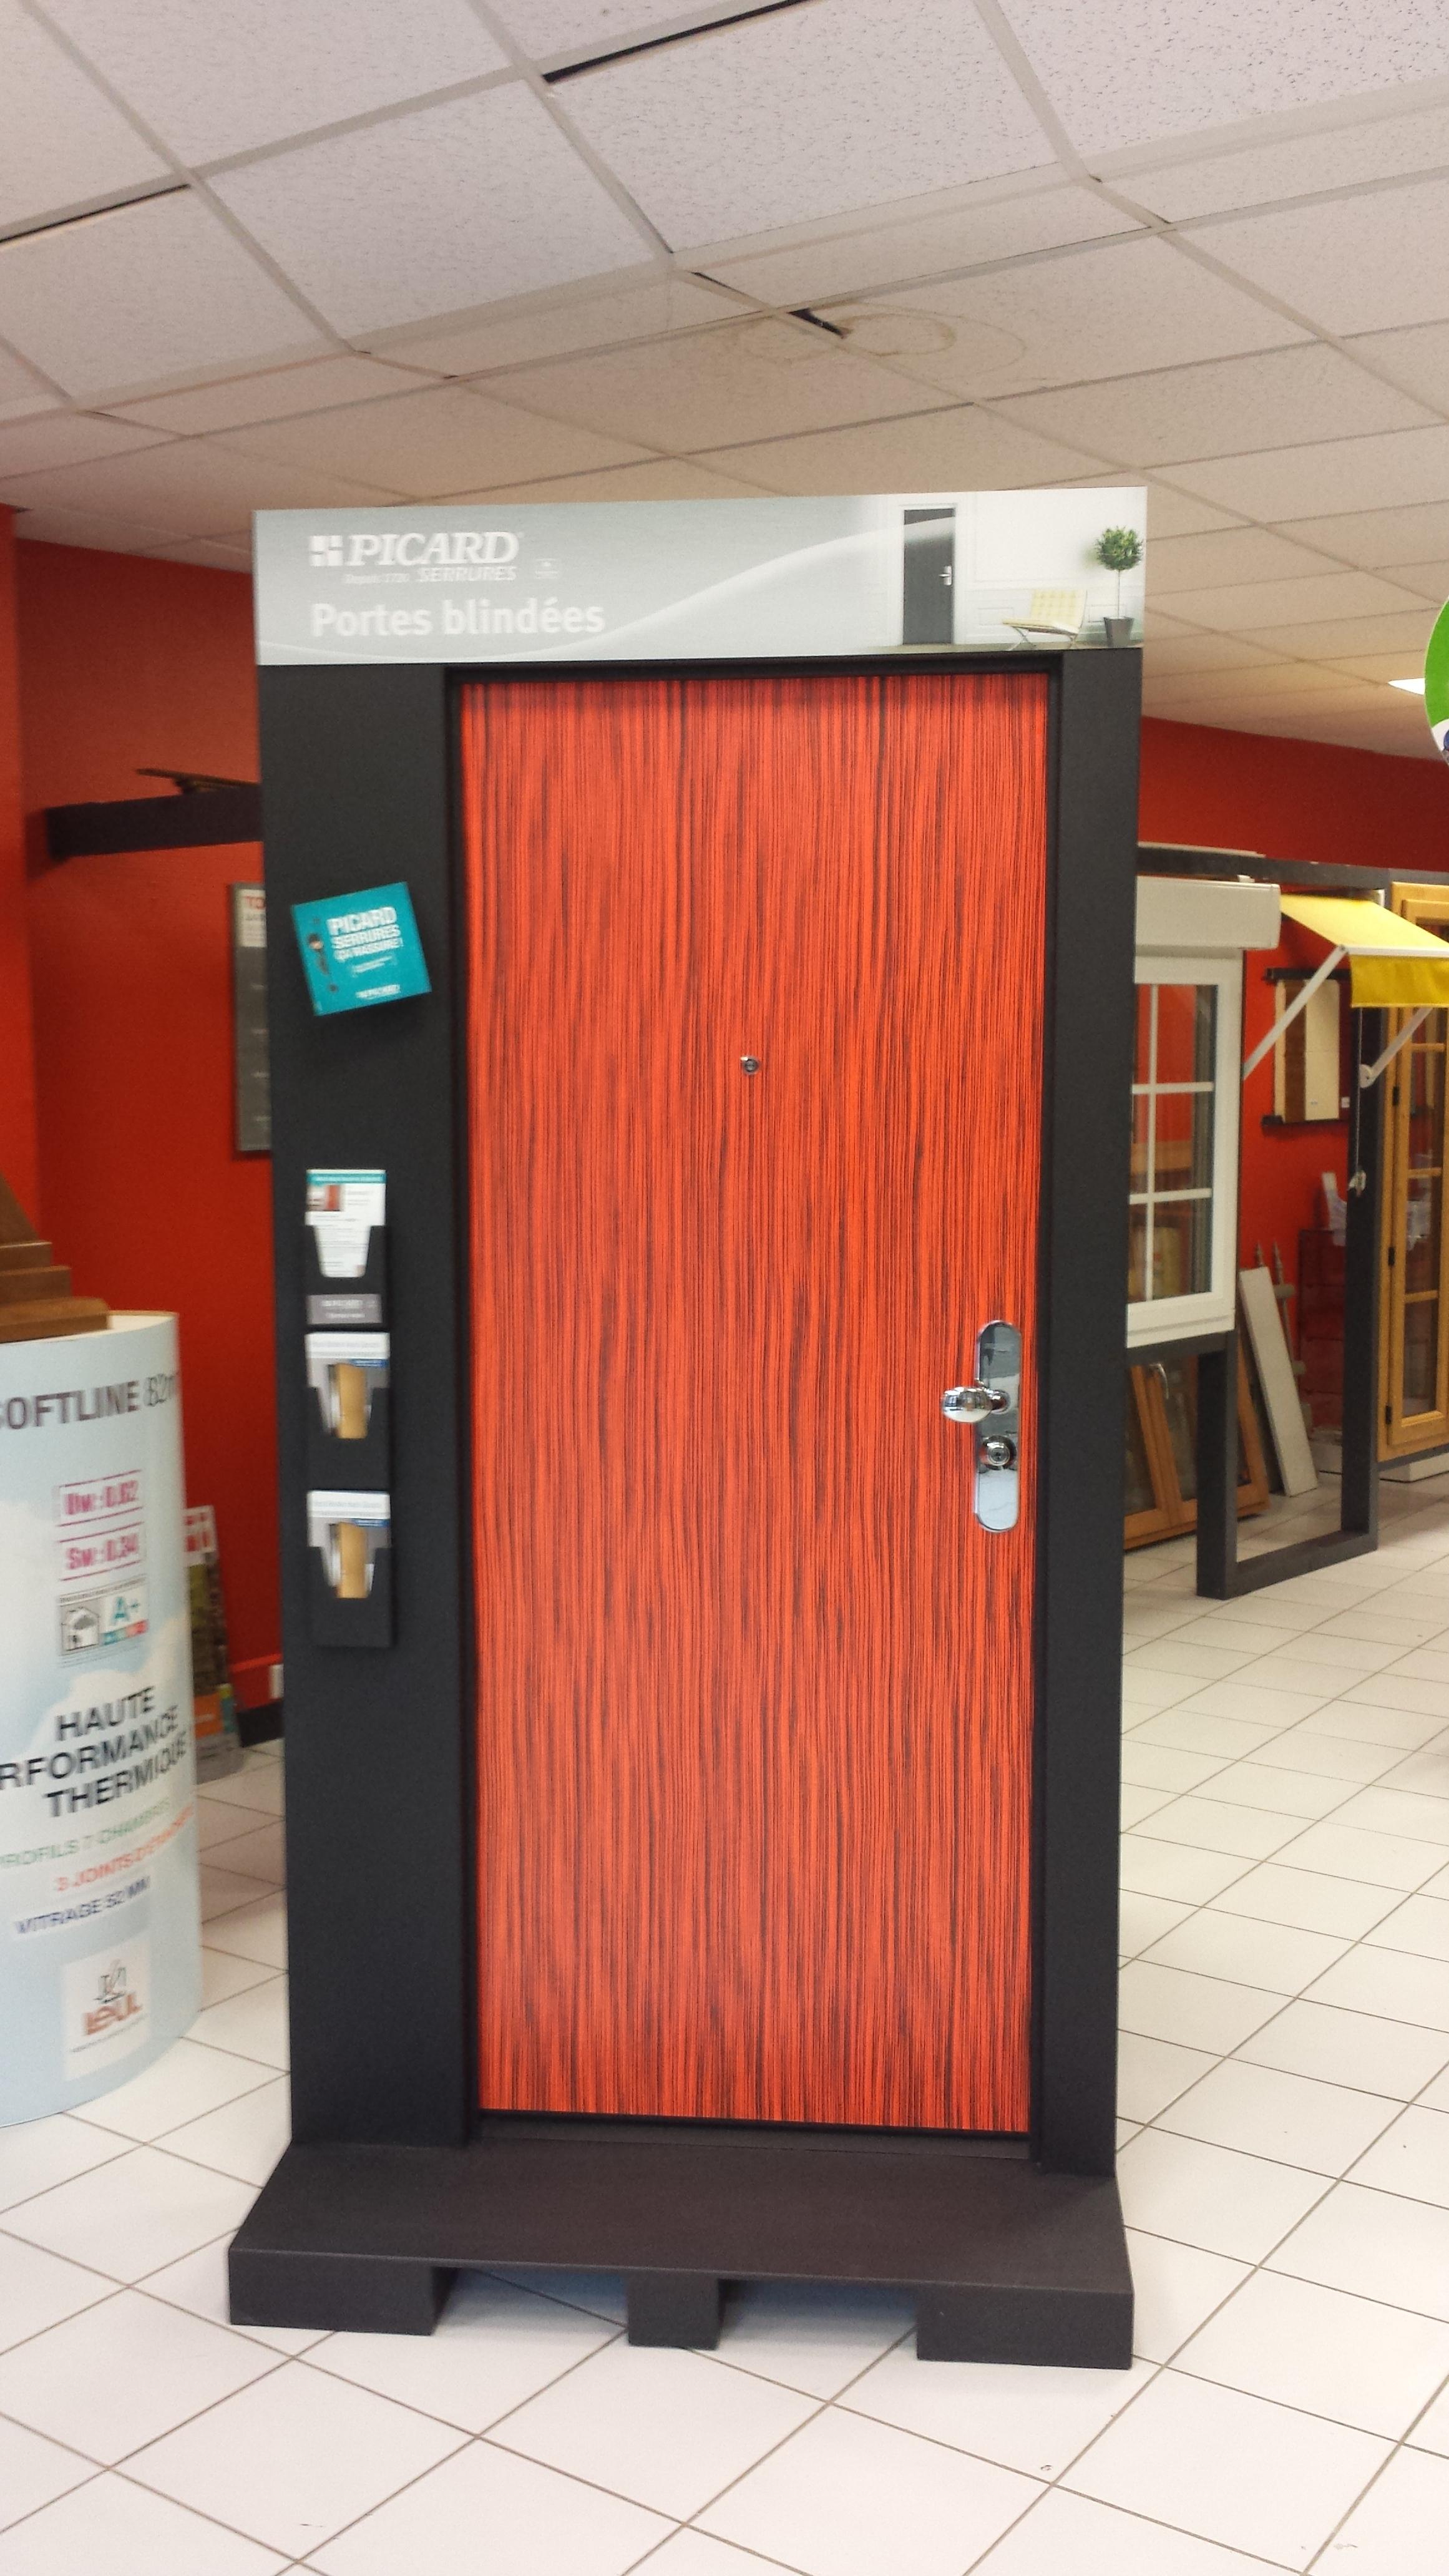 Spectacular Porte Picard Techniques Kvazarinfo - Porte placard coulissante jumelé avec porte blindée a2p bp3 prix